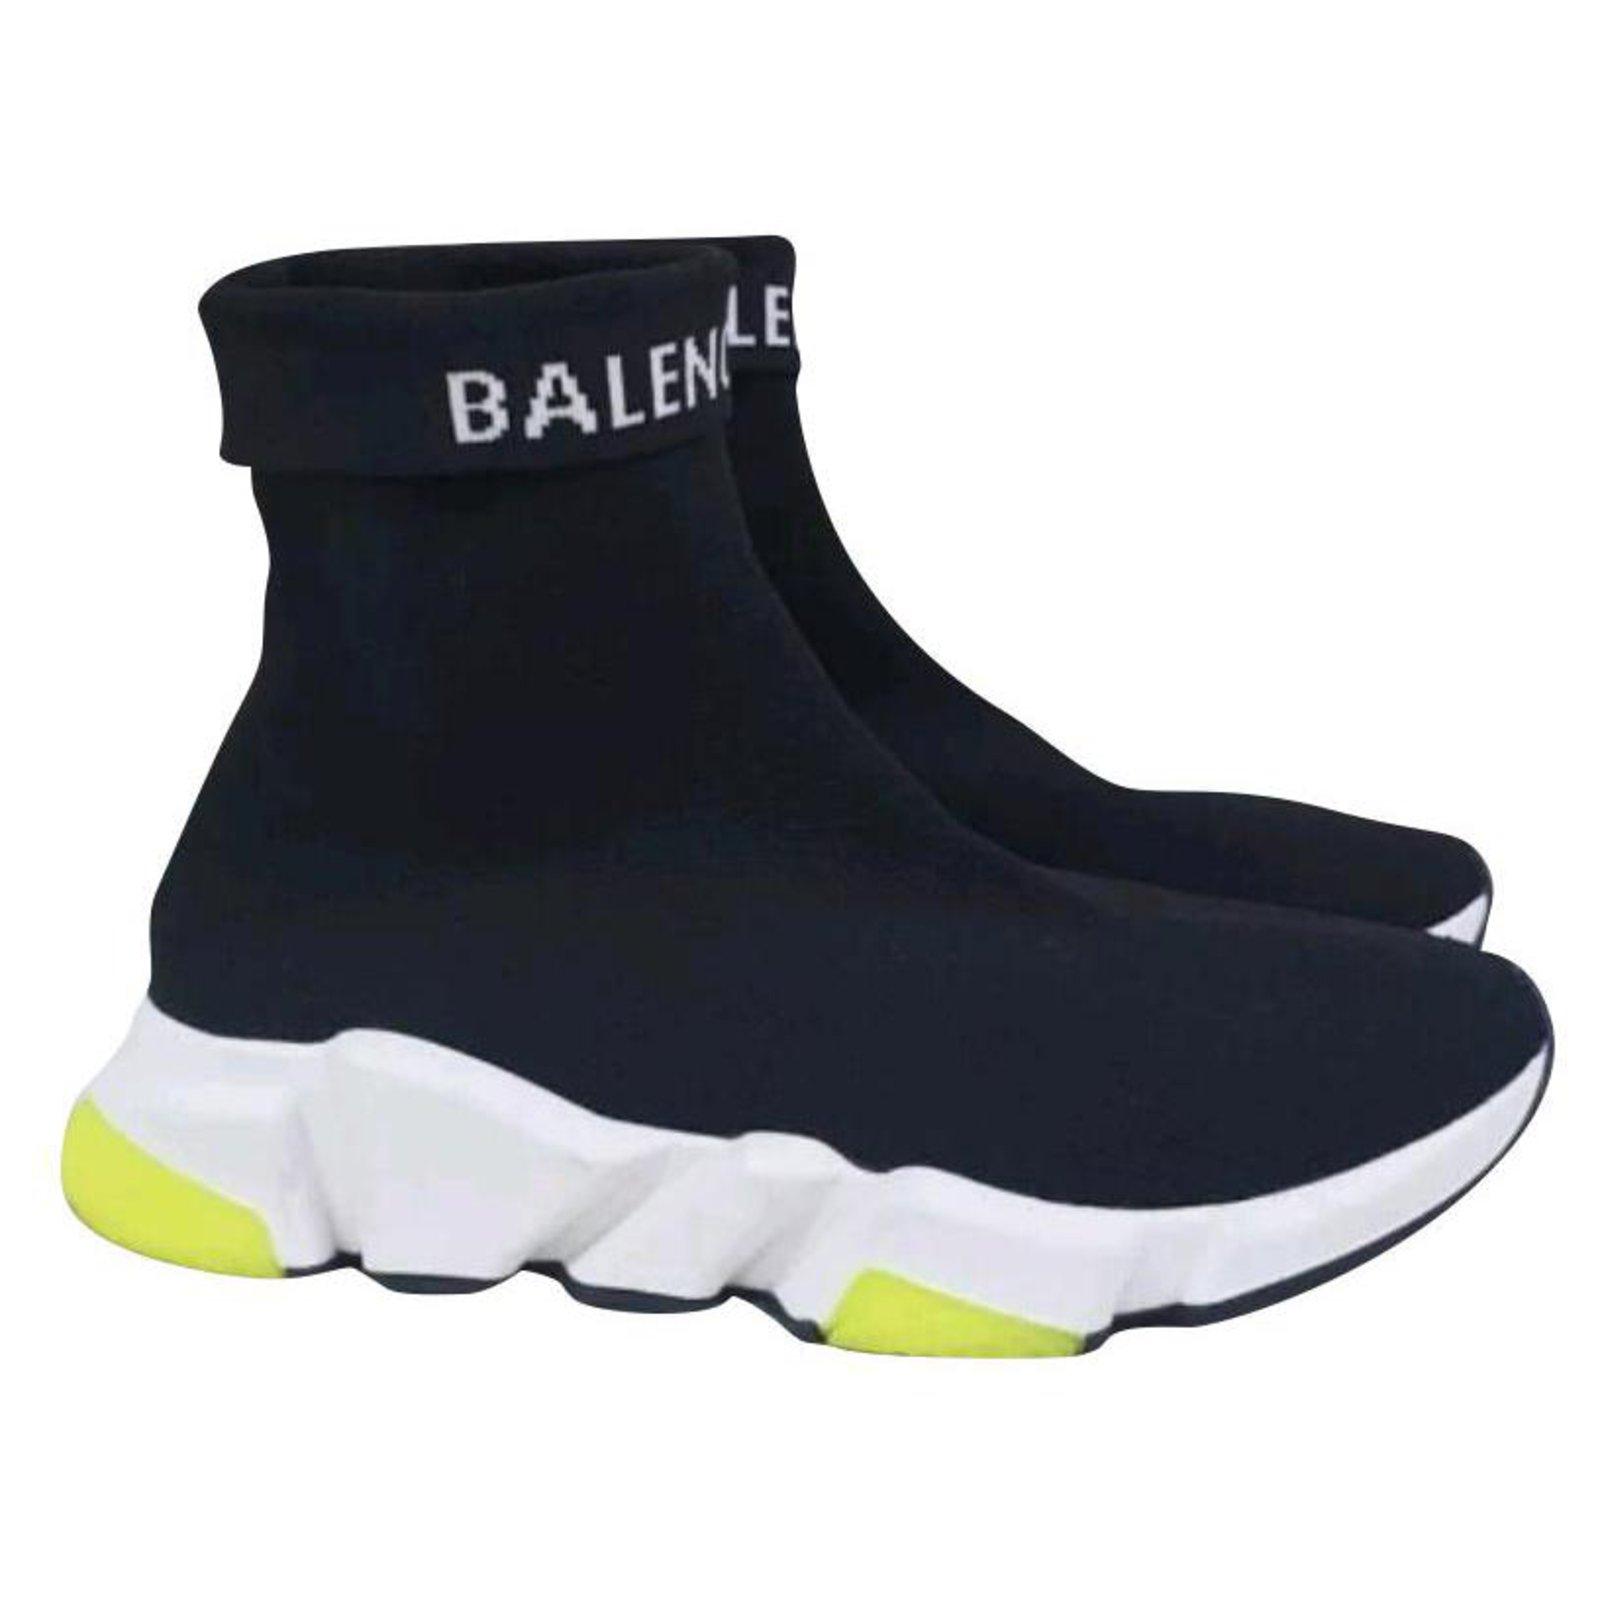 Balenciaga Balenciaga Speed Trainers